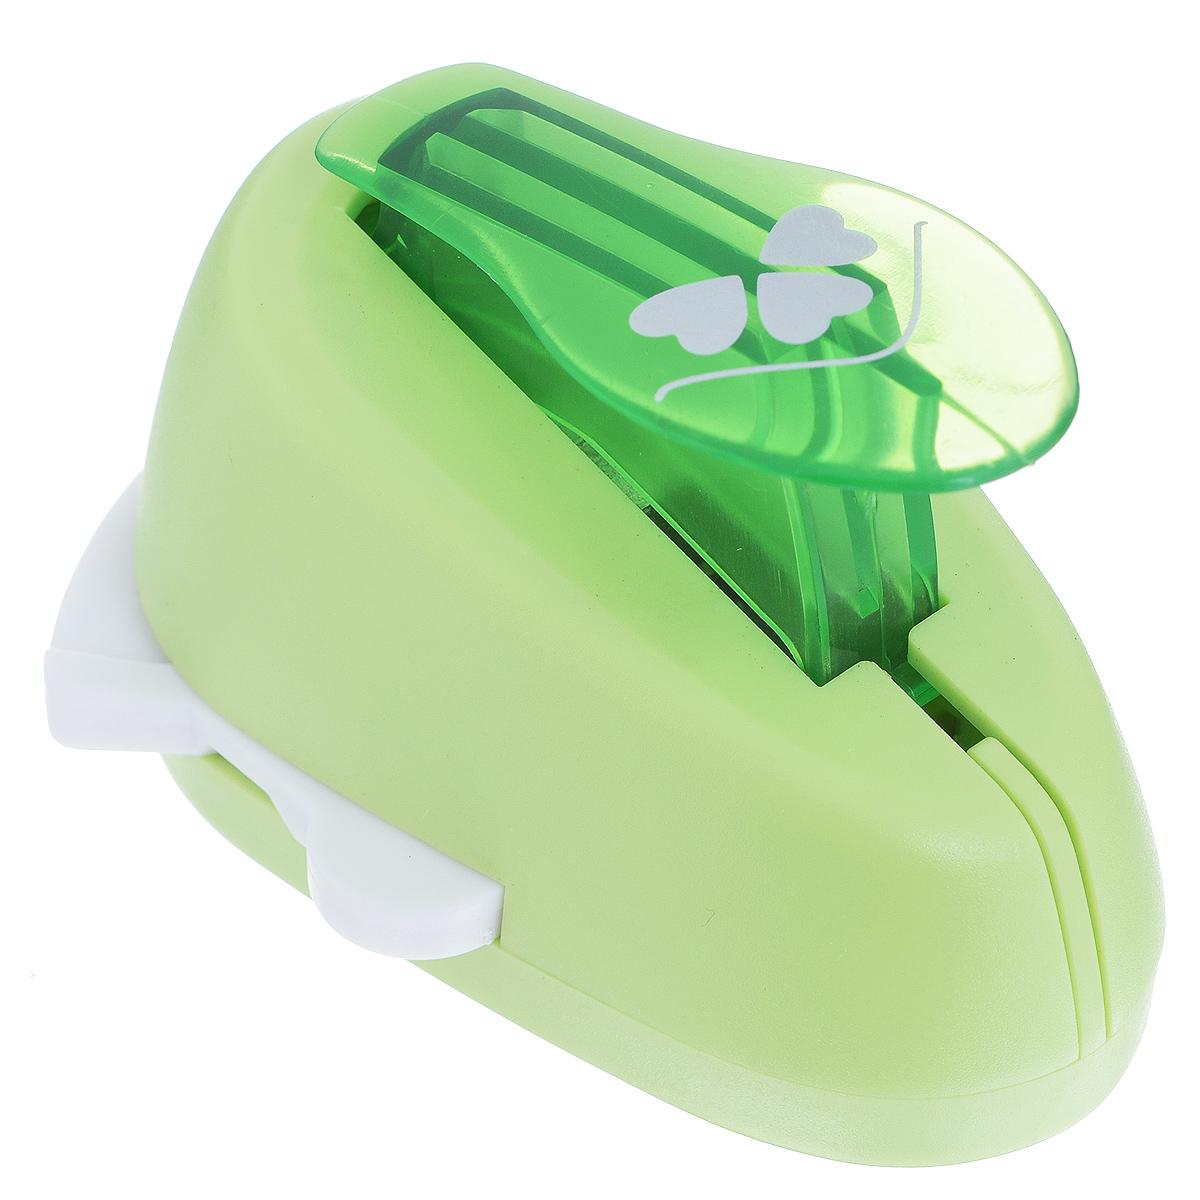 Дырокол фигурный Астра Три сердца, угловой. CD-99MA7709609_28Дырокол Астра Три сердца поможет вам легко, просто и аккуратно вырезать много одинаковых мелких фигурок. Режущие части компостера закрыты пластмассовым корпусом, что обеспечивает безопасность для детей. Вырезанные фигурки накапливаются в специальном резервуаре. Можно использовать вырезанные мотивы как конфетти или для наклеивания.Угловой дырокол подходит для разных техник: декупажа, скрапбукинга, декорирования.Размер дырокола: 8 см х 6 см х 5 см. Размер готовой фигурки: 2,5 см х 1,5 см.